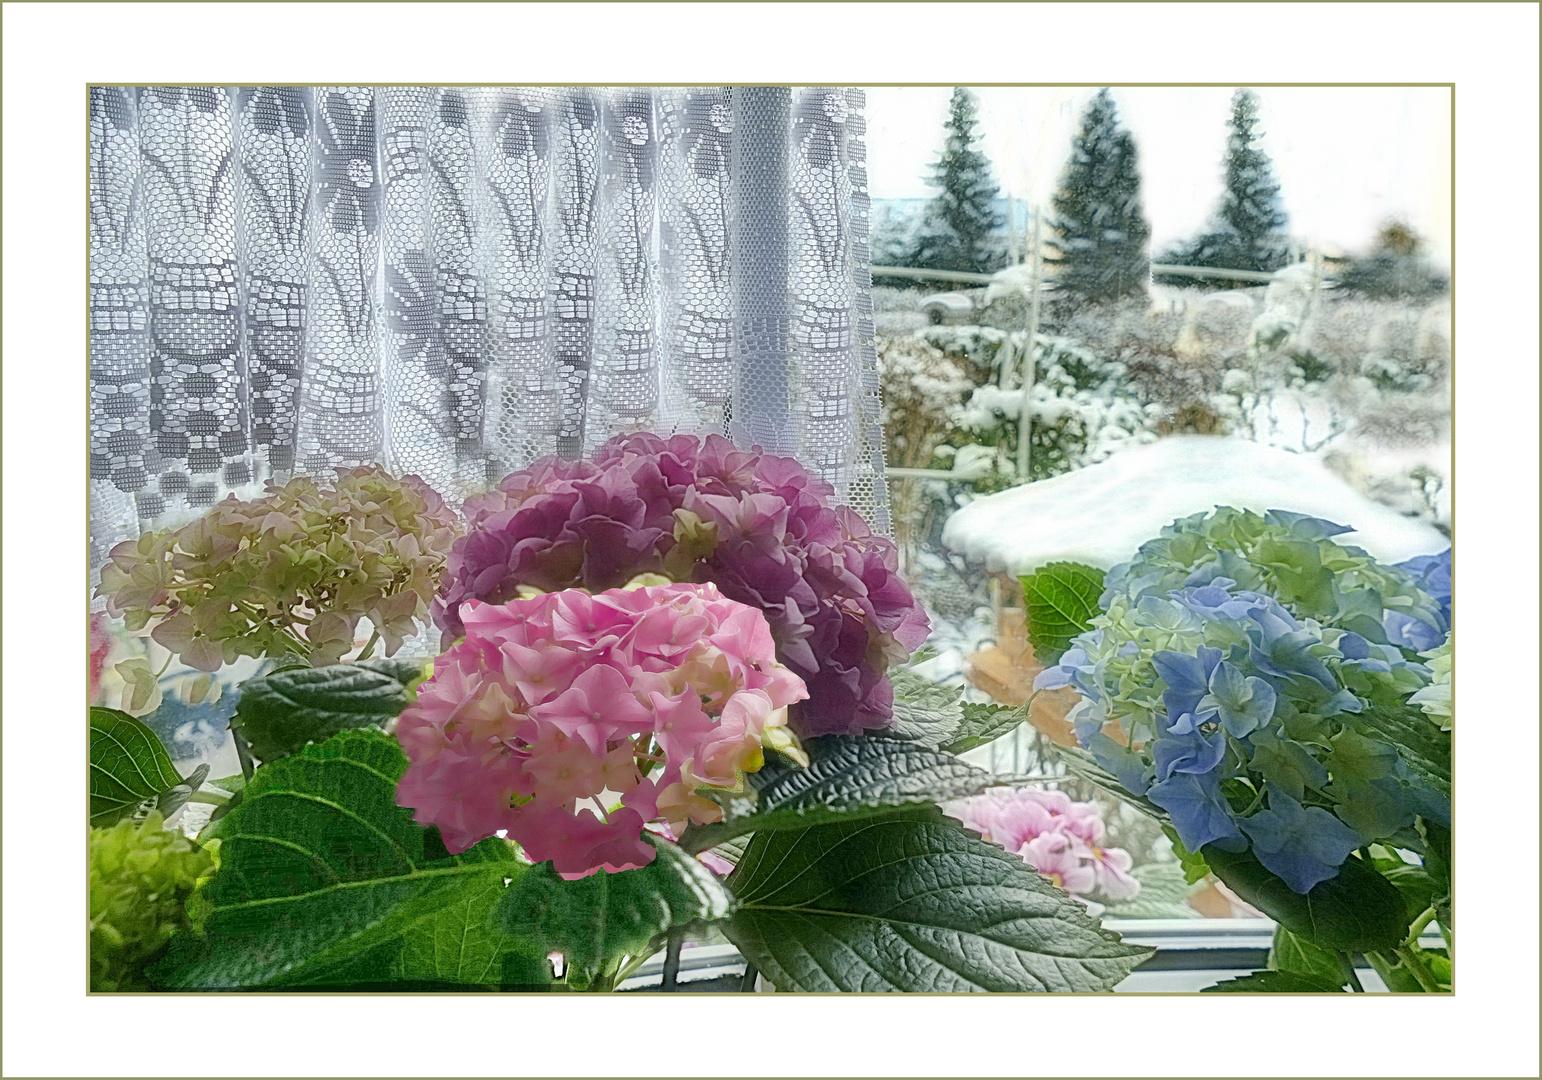 Fenster zum Wintergarten